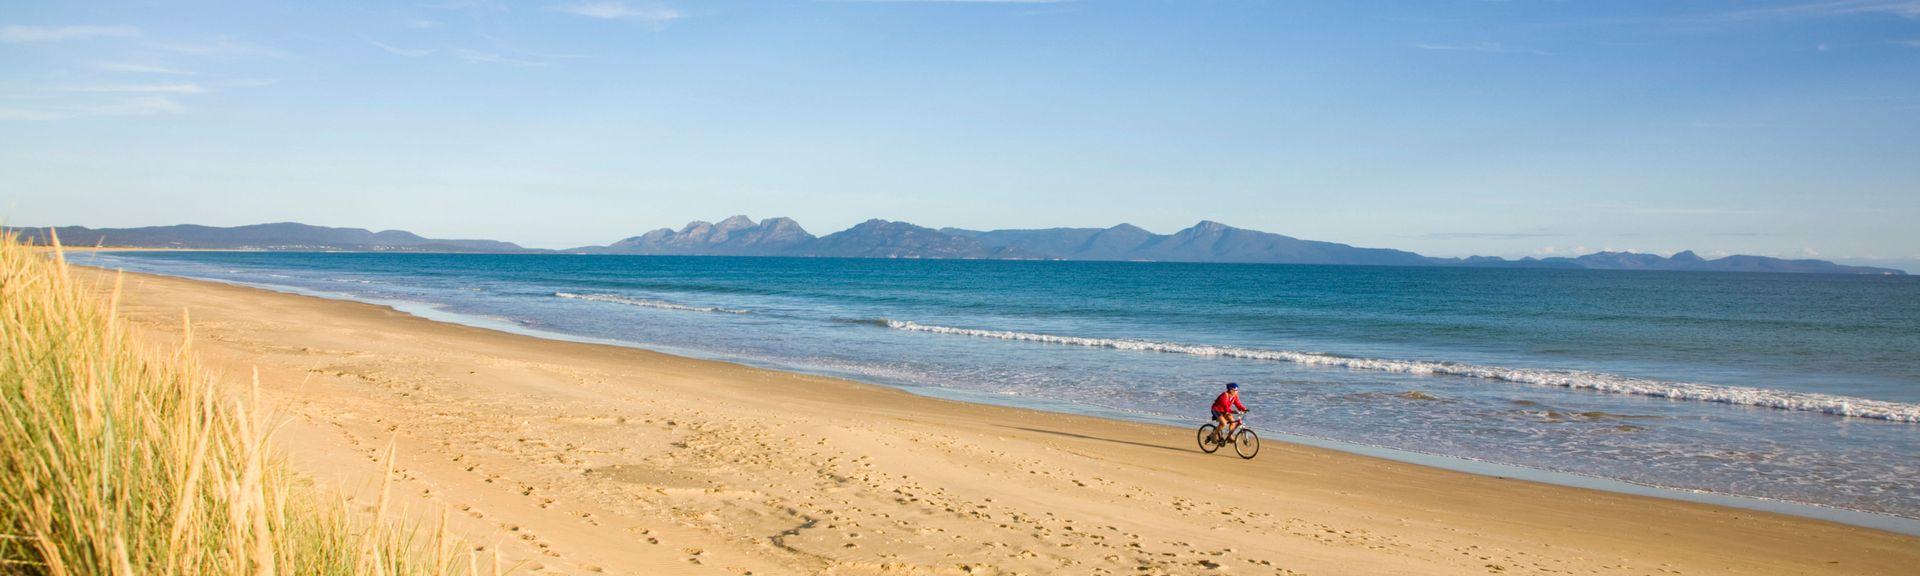 East Coast Tasmania, Tasmania, Australia